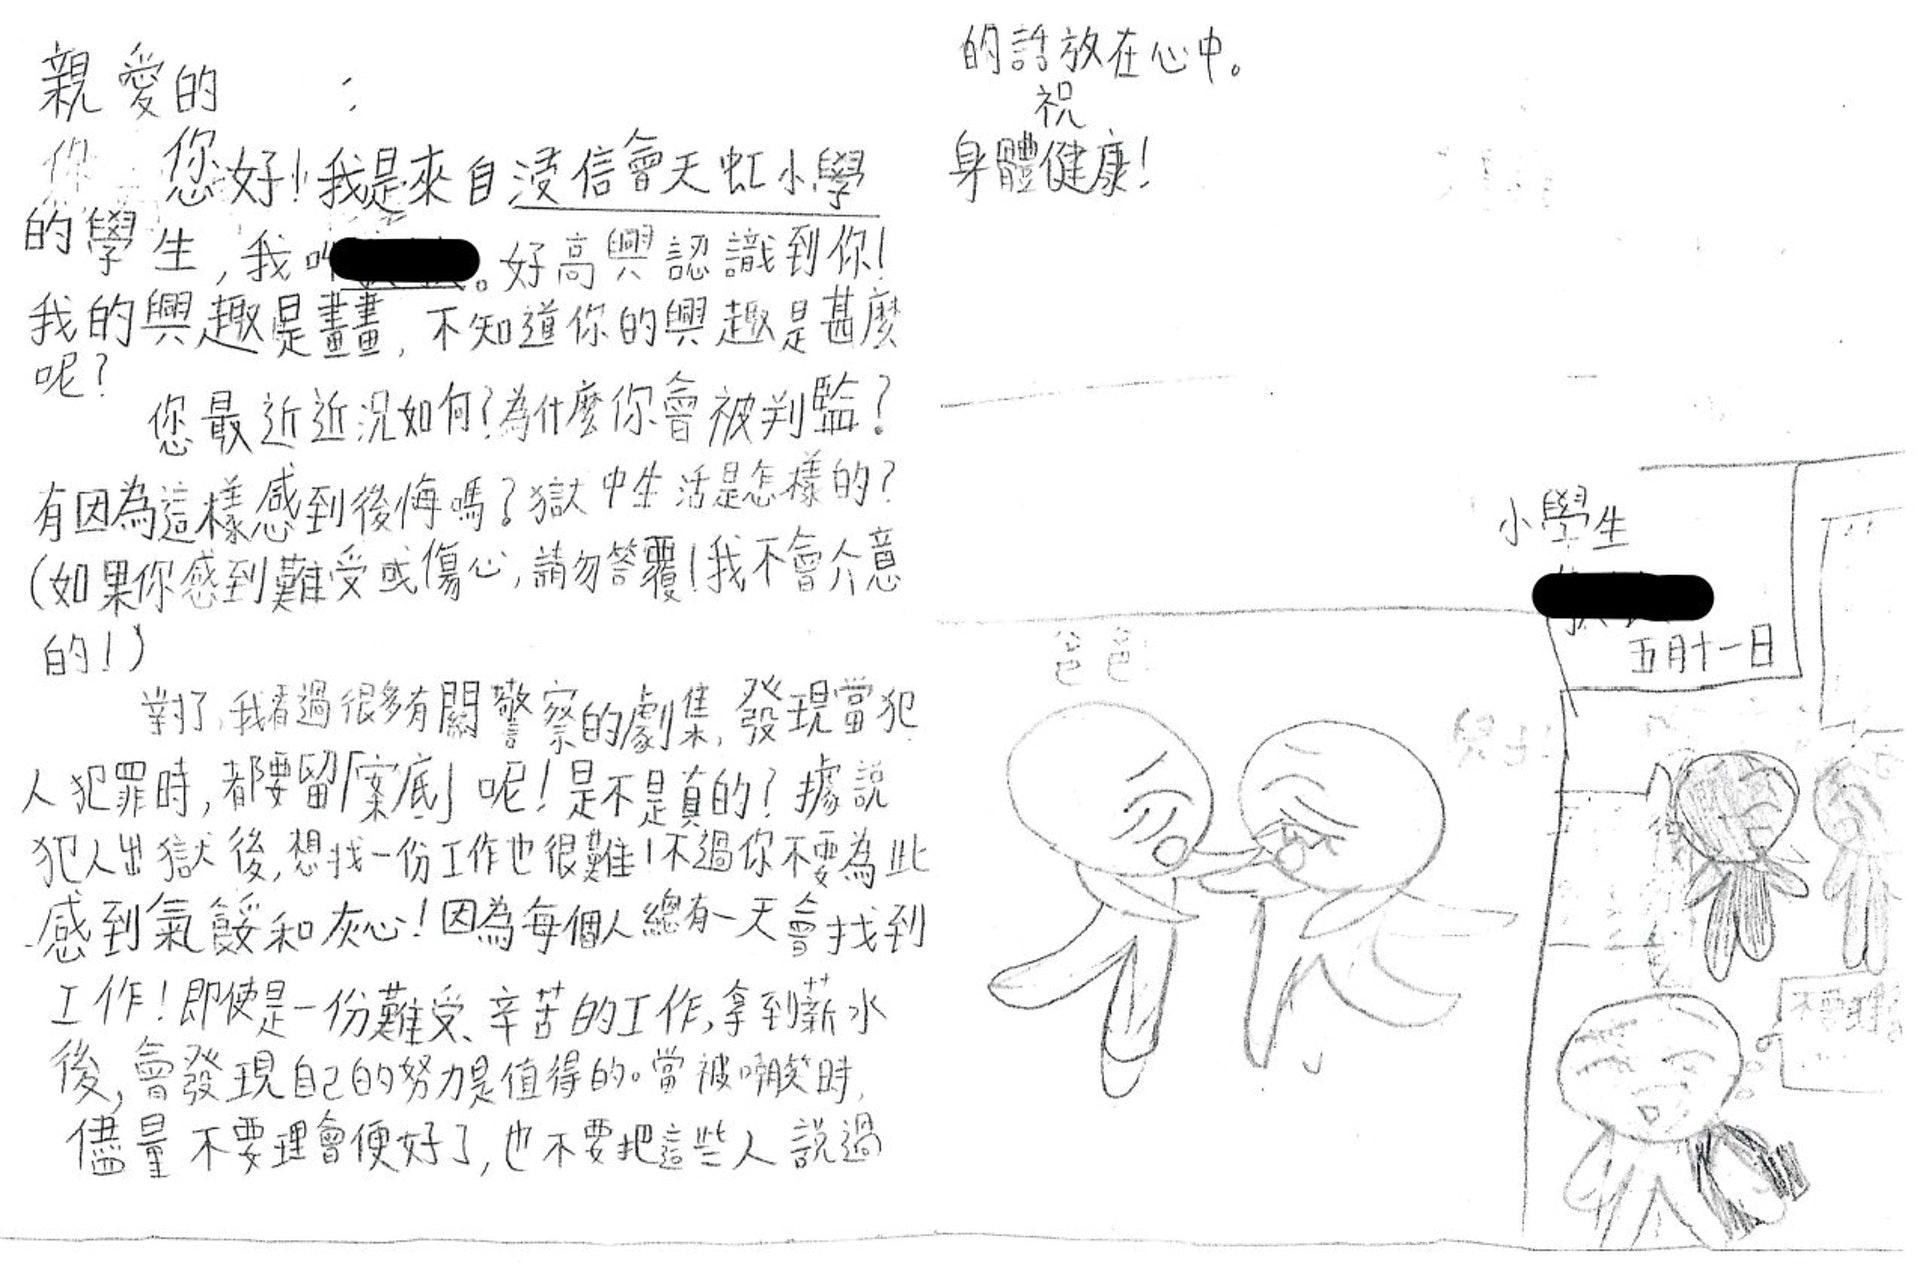 勞同學寫給囚友的信件,詢問獄中的生活是怎樣的。(浸信會天虹小學提供)